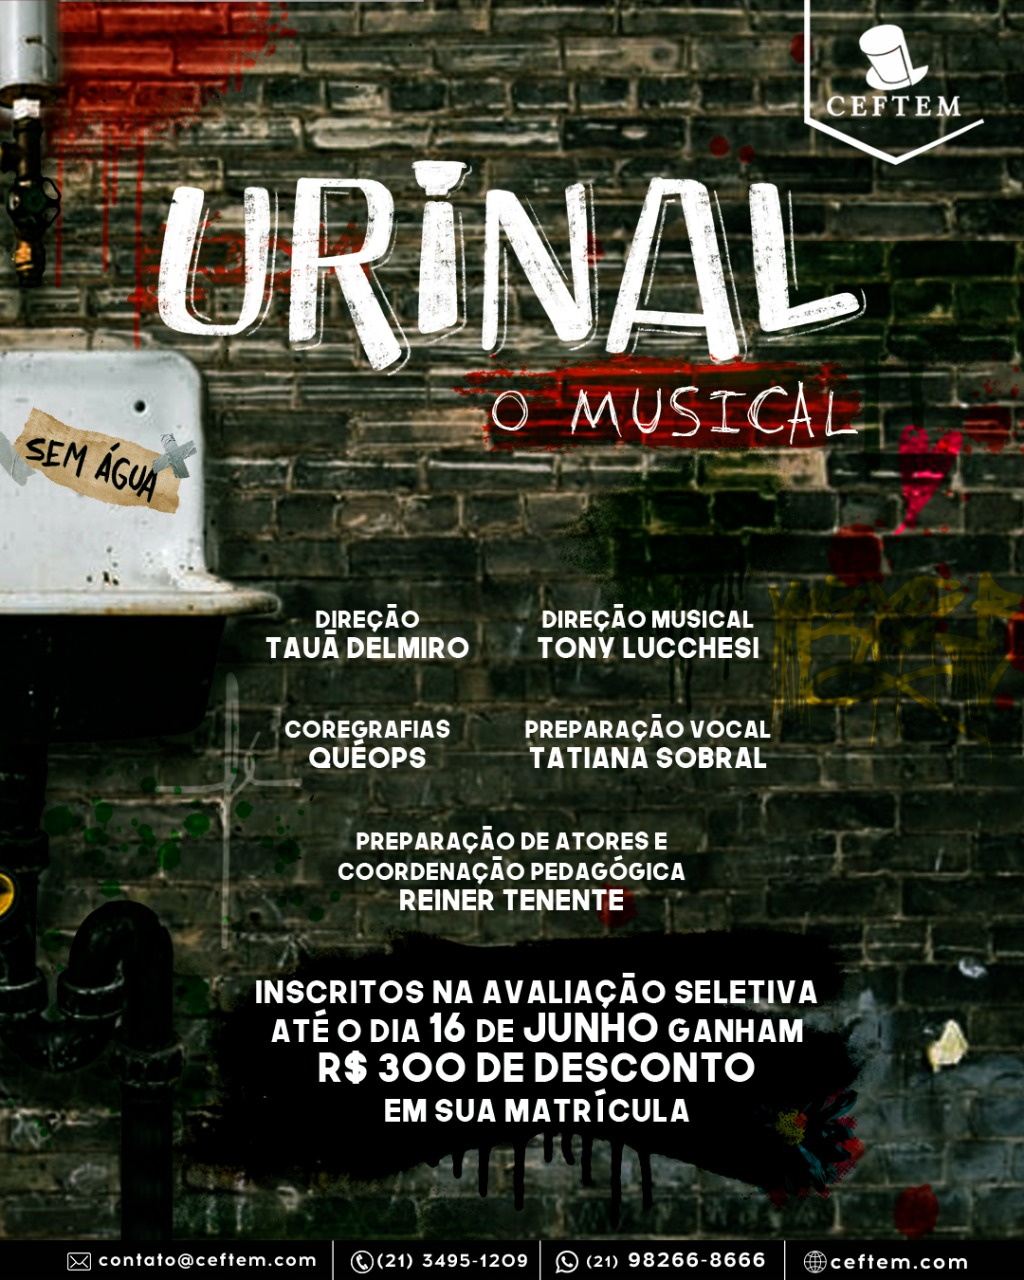 Imagem para Urinal - O Musical